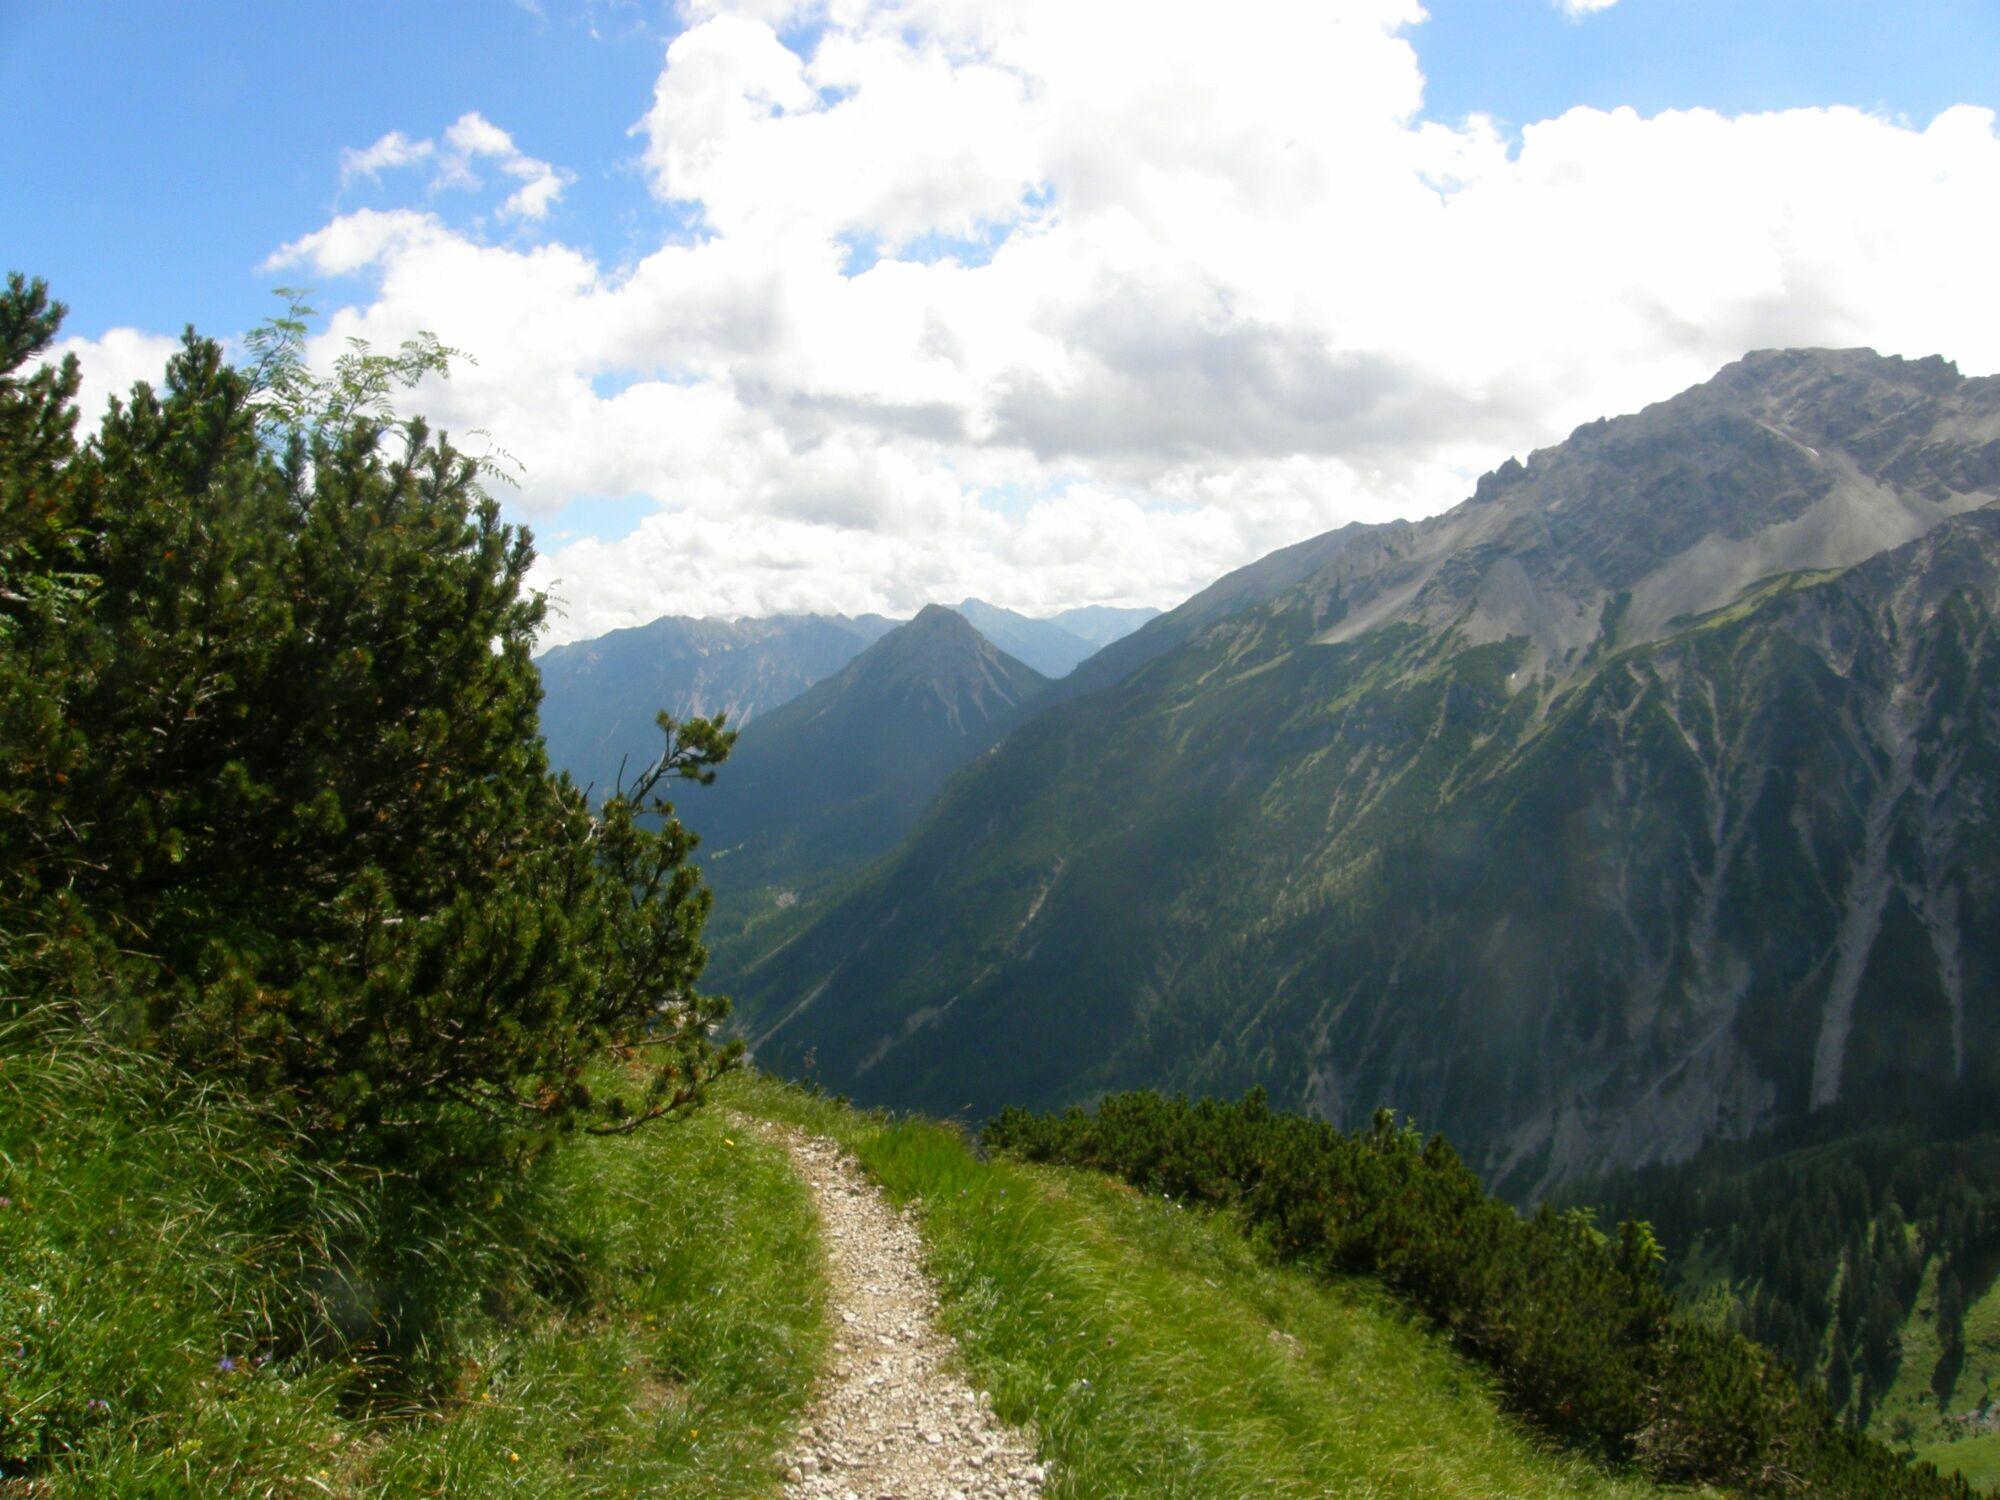 Bild mit Landschaften, Berge, Wege, Österreich, Weg, Landschaft, Allgäu, berg, Gebirge, Land